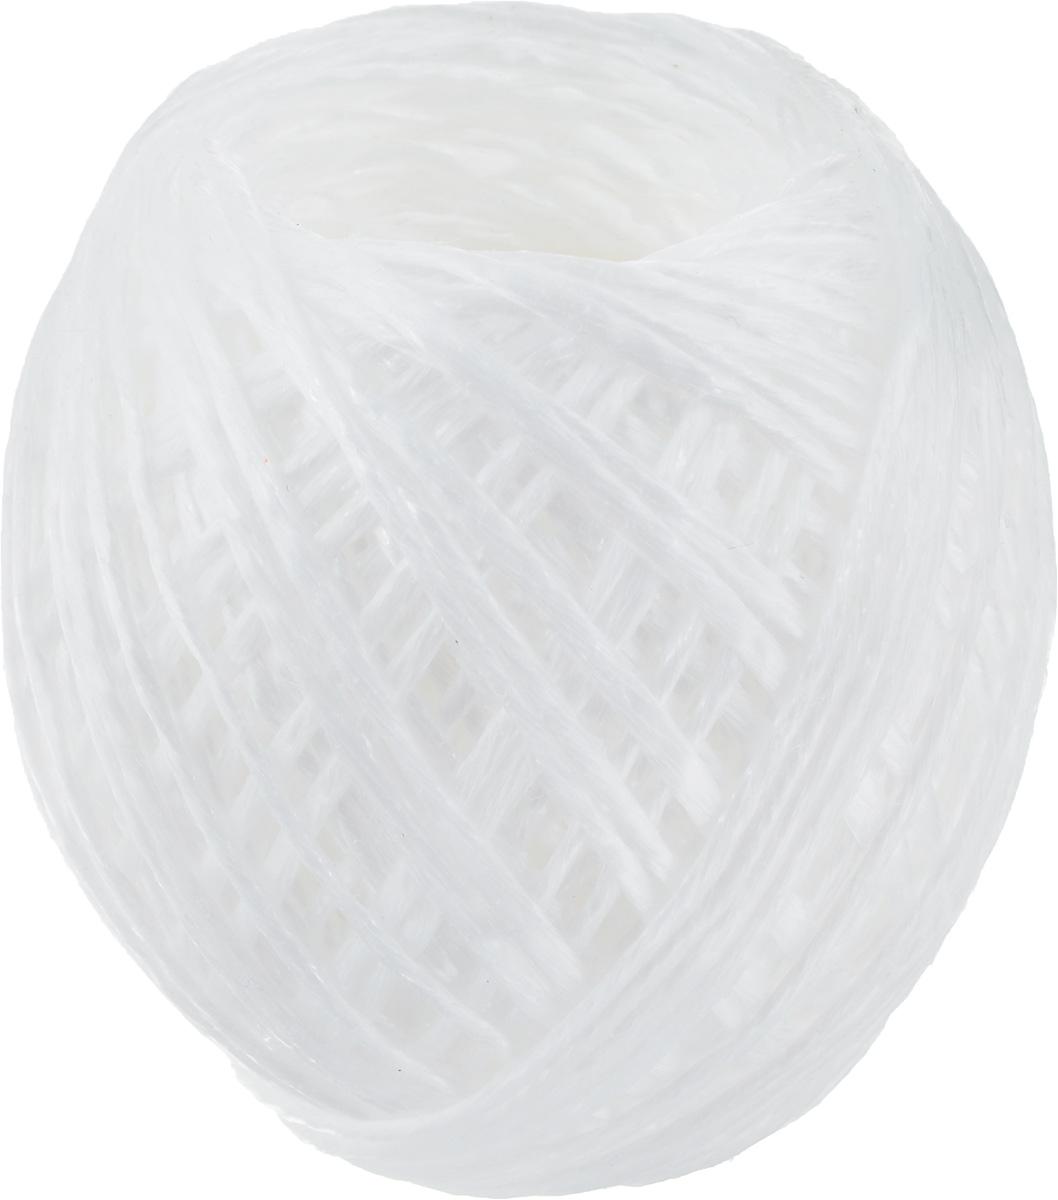 Шпагат полипропиленовый Osttex, длина 100 мIRK-503Шпагат Osttex - это сверхпрочная полипропиленовая веревка общего назначения, которая отличается стойкостью к температурному воздействию, истиранию и влаге. Шпагат 100% натуральный и экологически чистый. Используется для хозяйственно-бытовых целей, упаковочных и декоративных работ. Безопасен для использования с пищевыми продуктами.Длина: 100 м. Линейная плотность: 1100 текс.